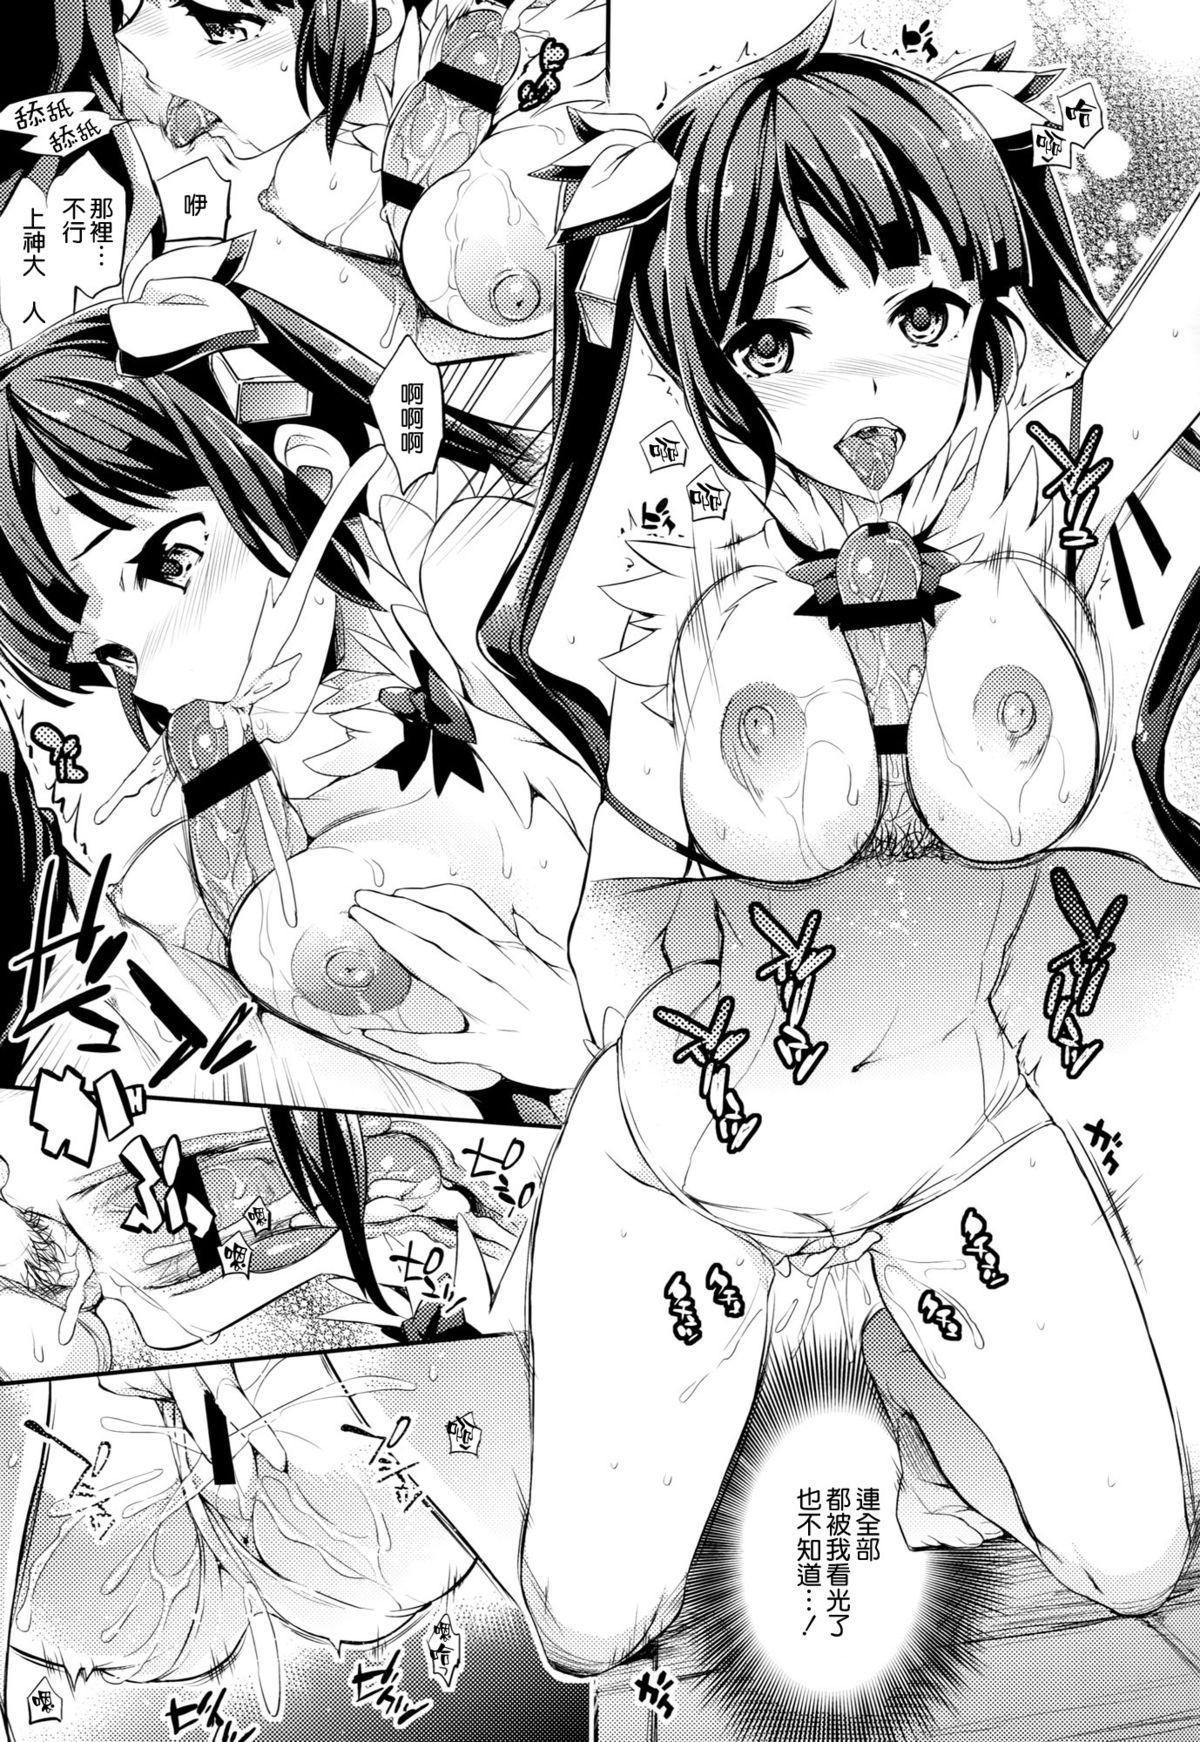 (COMIC1☆9) [Crazy9 (Ichitaka)] C9-19 Kami-sama to Suiminkan (Dungeon ni Deai o Motomeru no wa Machigatteiru Darou ka) [Chinese] [空気系☆漢化] 8